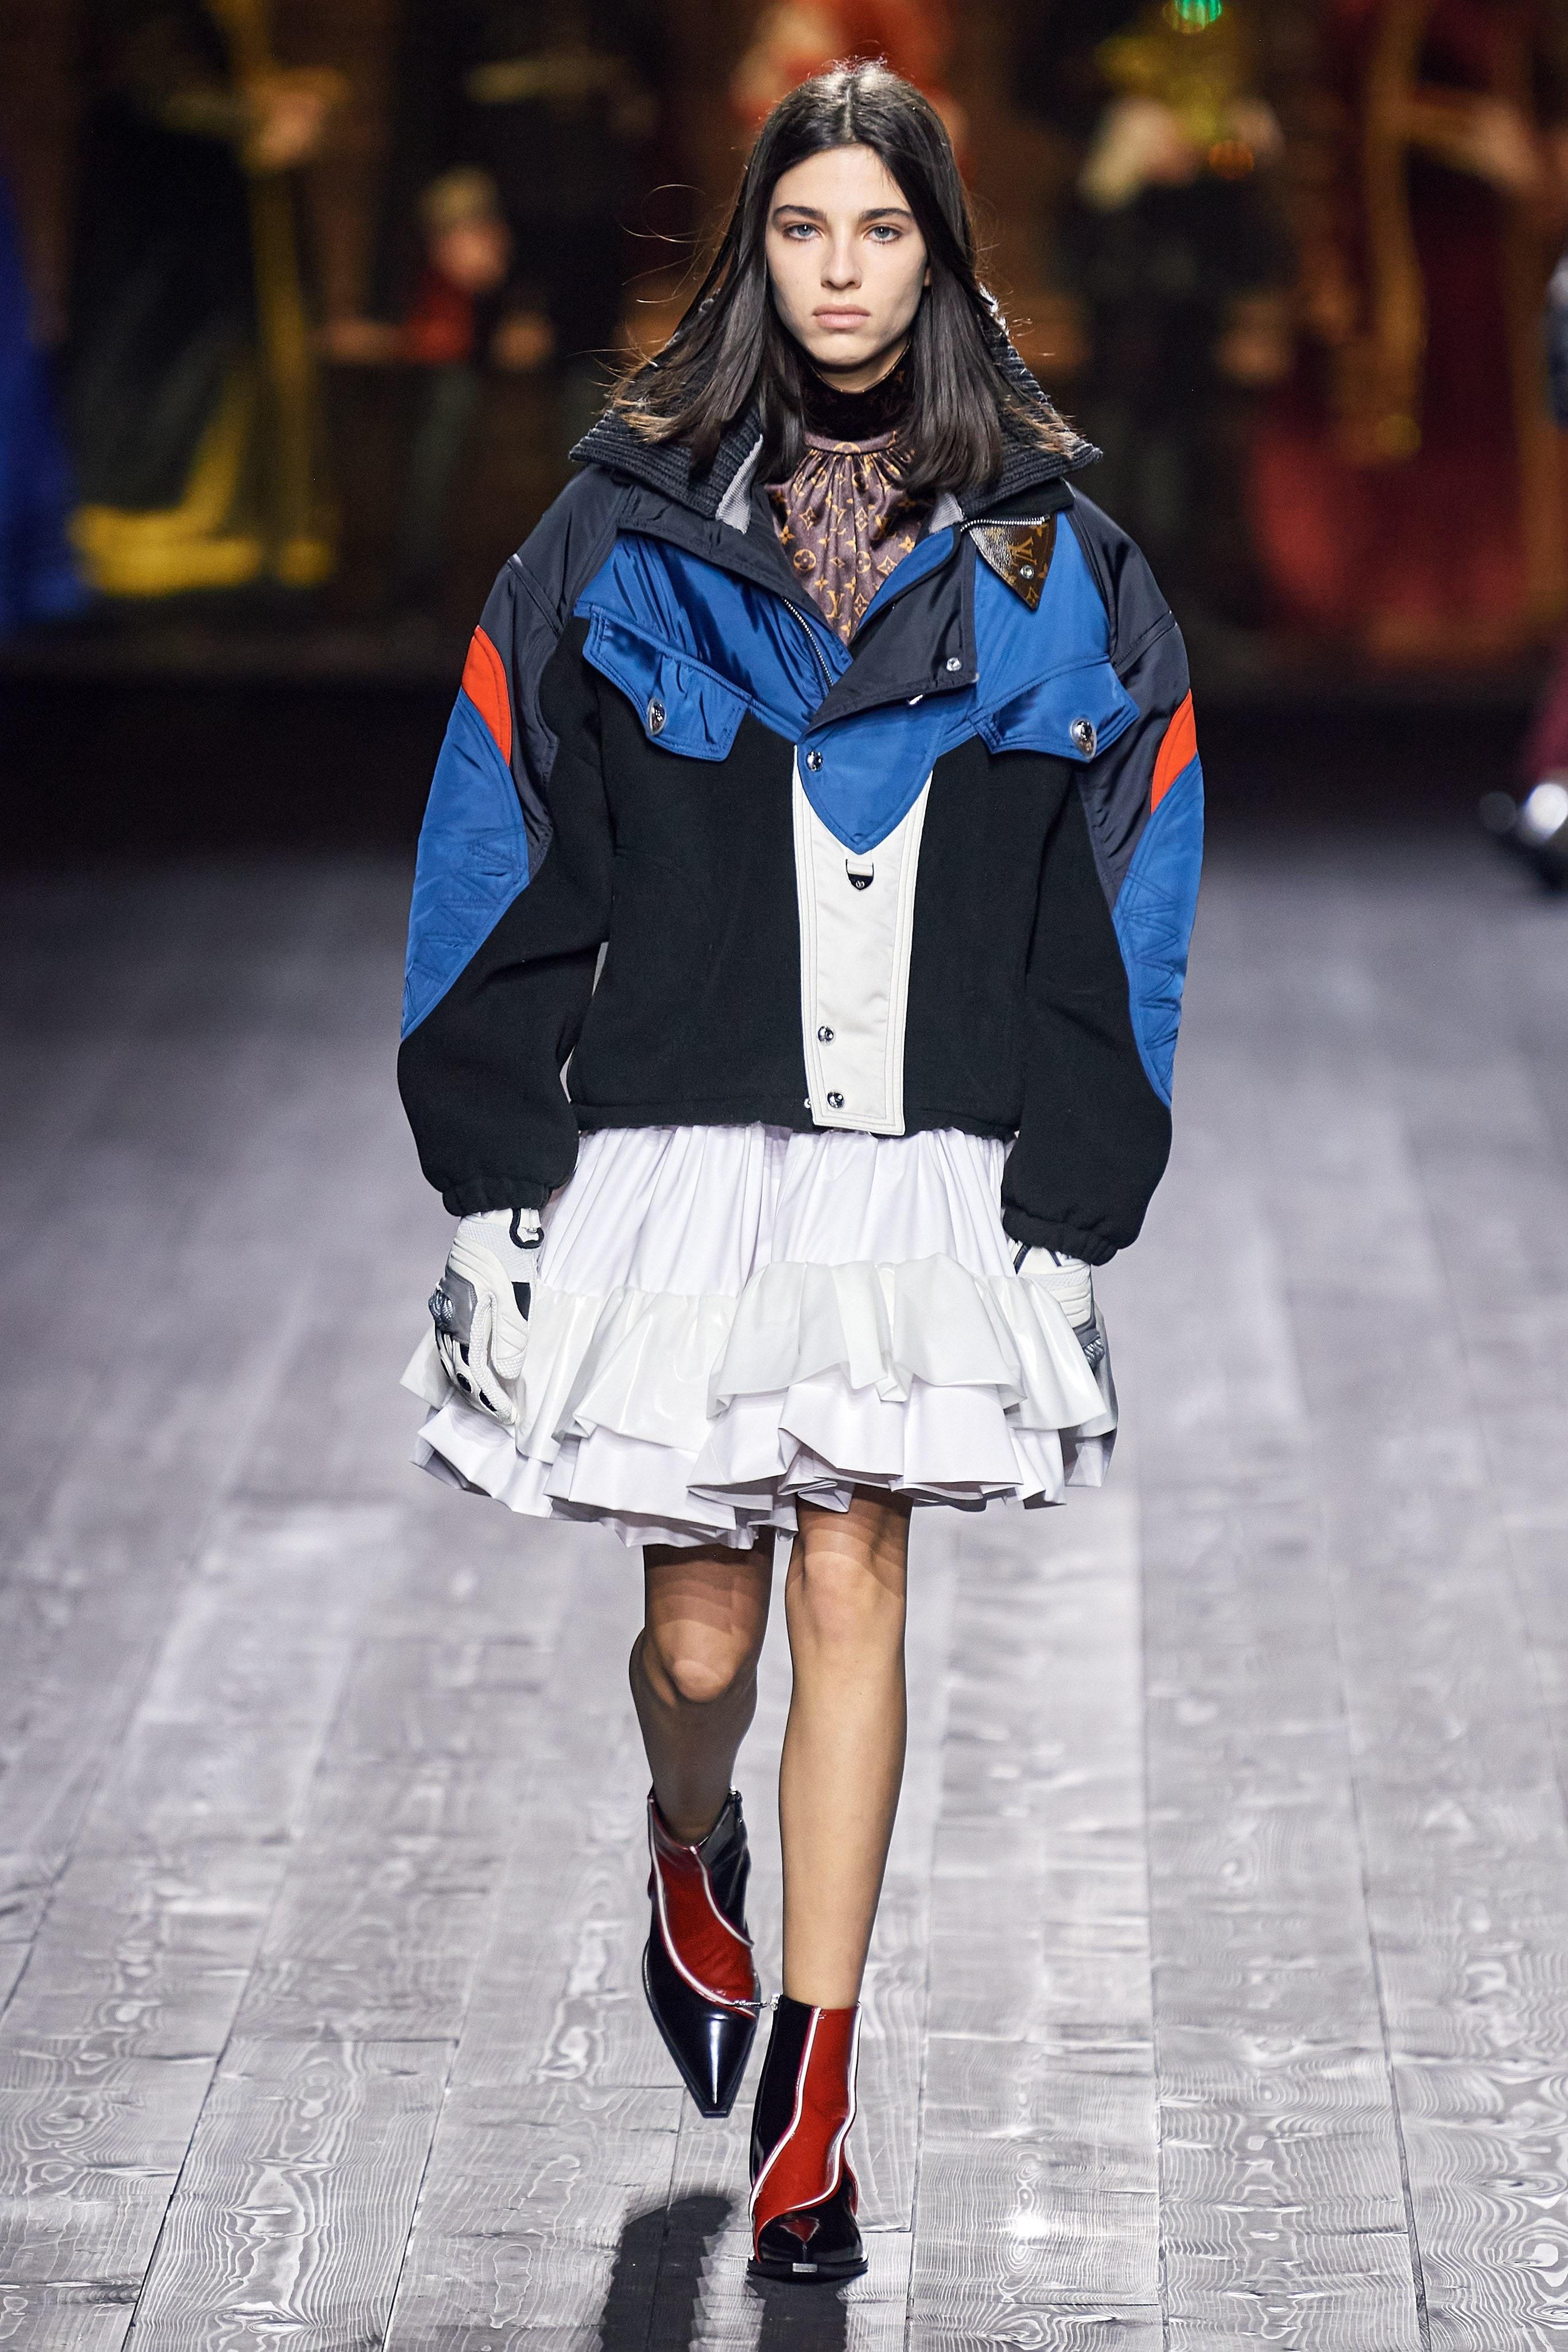 Gợi ý cách phối đồ đẹp với phong cách đối lập từ BST Louis Vuitton Thu - Đông 2020